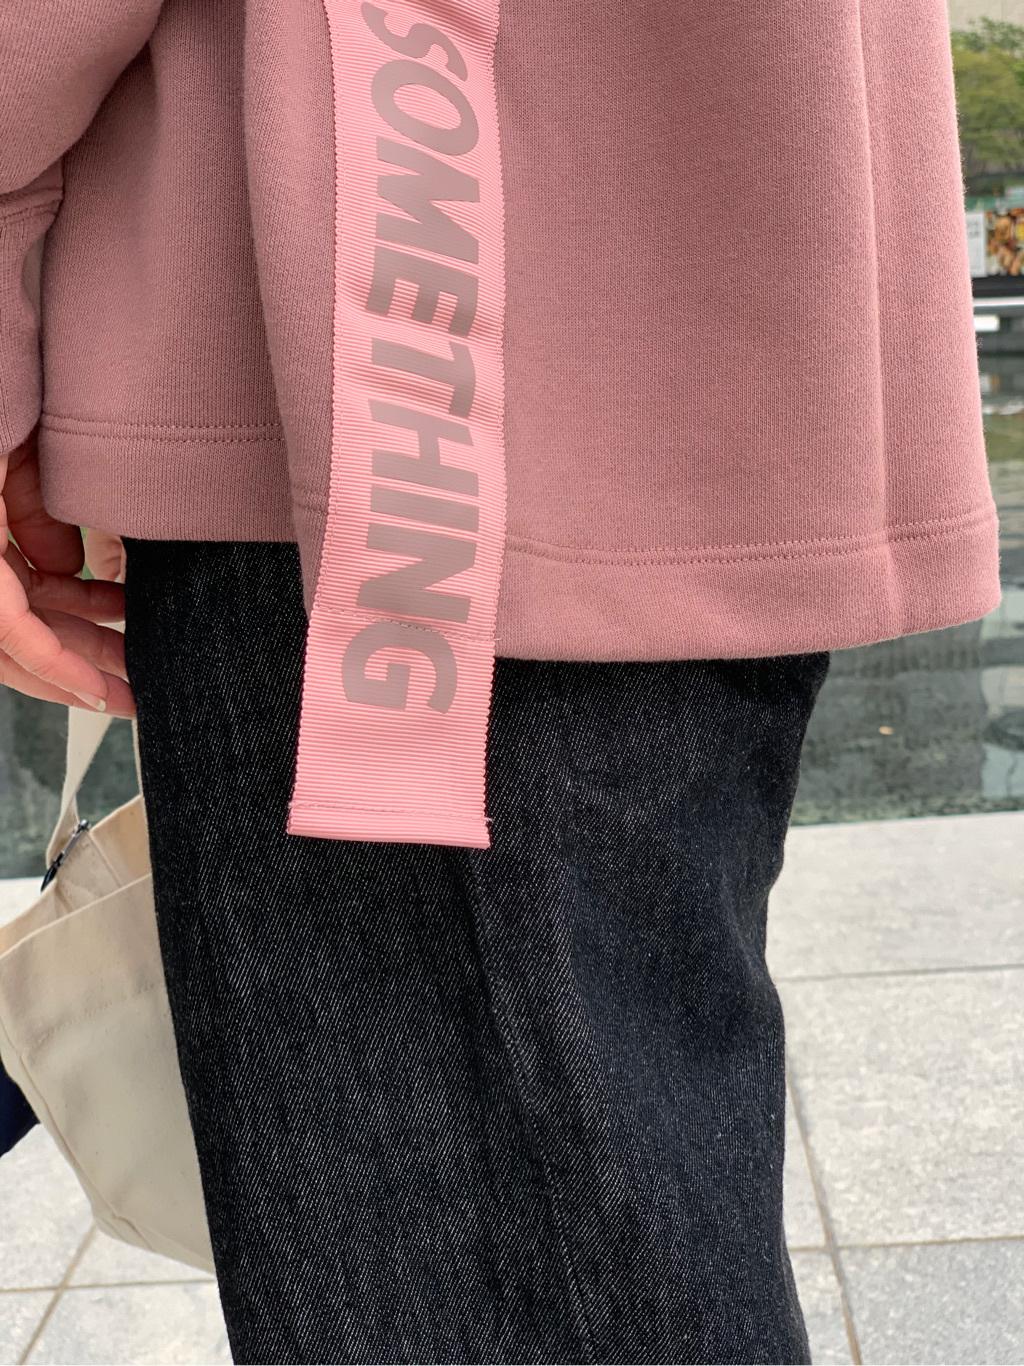 LINKS UMEDA店のYUKIさんのSOMETHINGのSOMETHING サイドロゴテープ トレーナーを使ったコーディネート